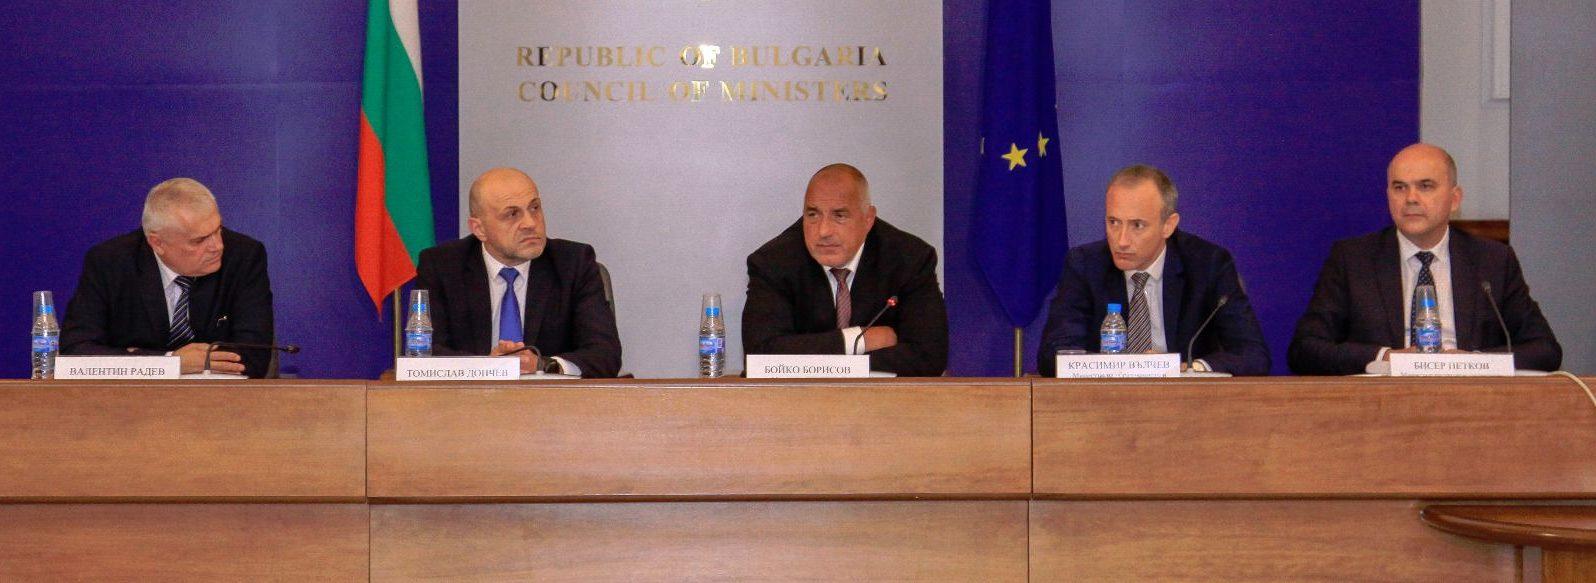 Областният управител и шефове на регионални структури ...